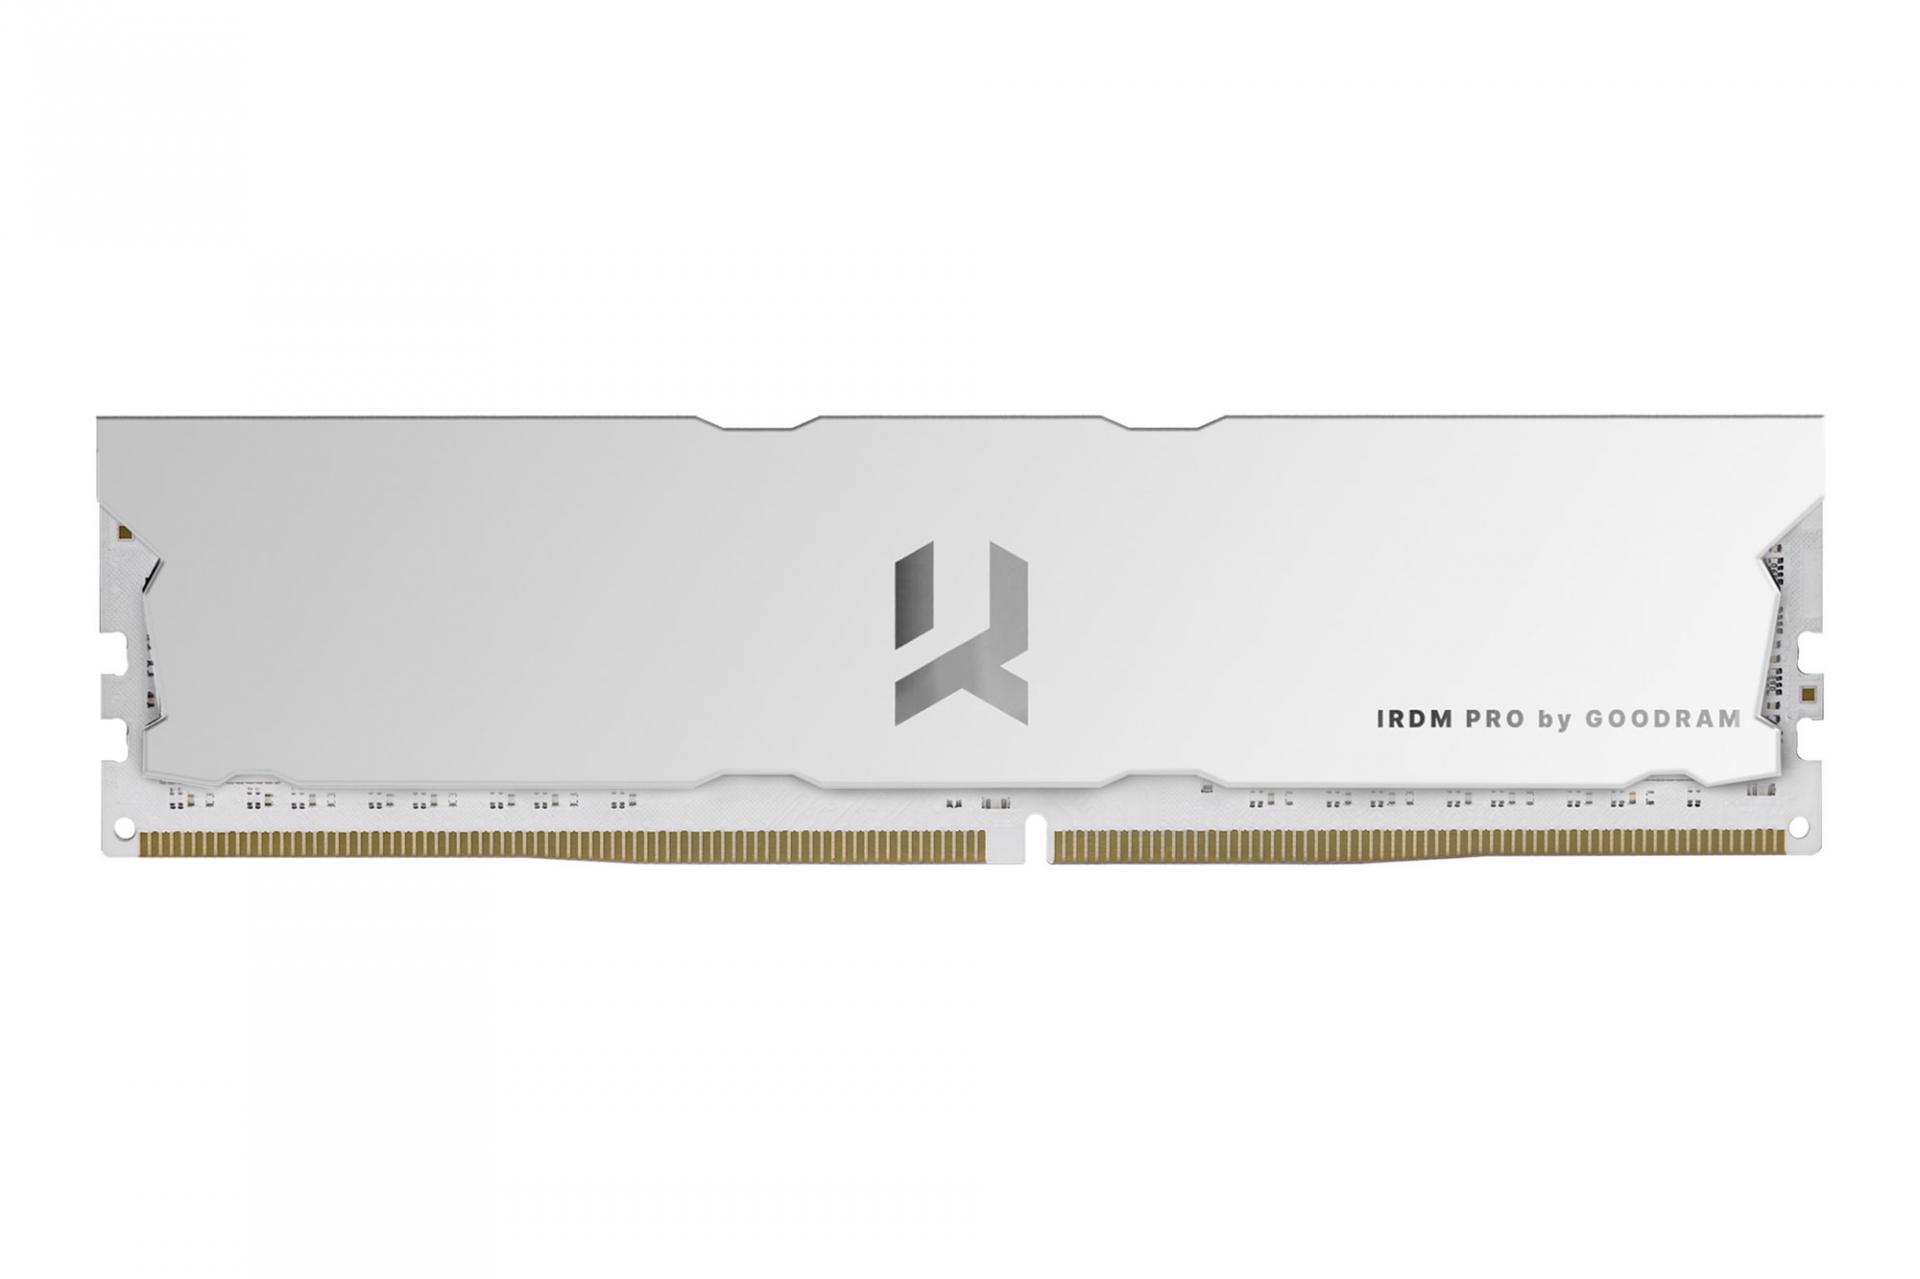 Белая оперативная память отGOODRAM счастотой 4000 МГц уже анонсирована